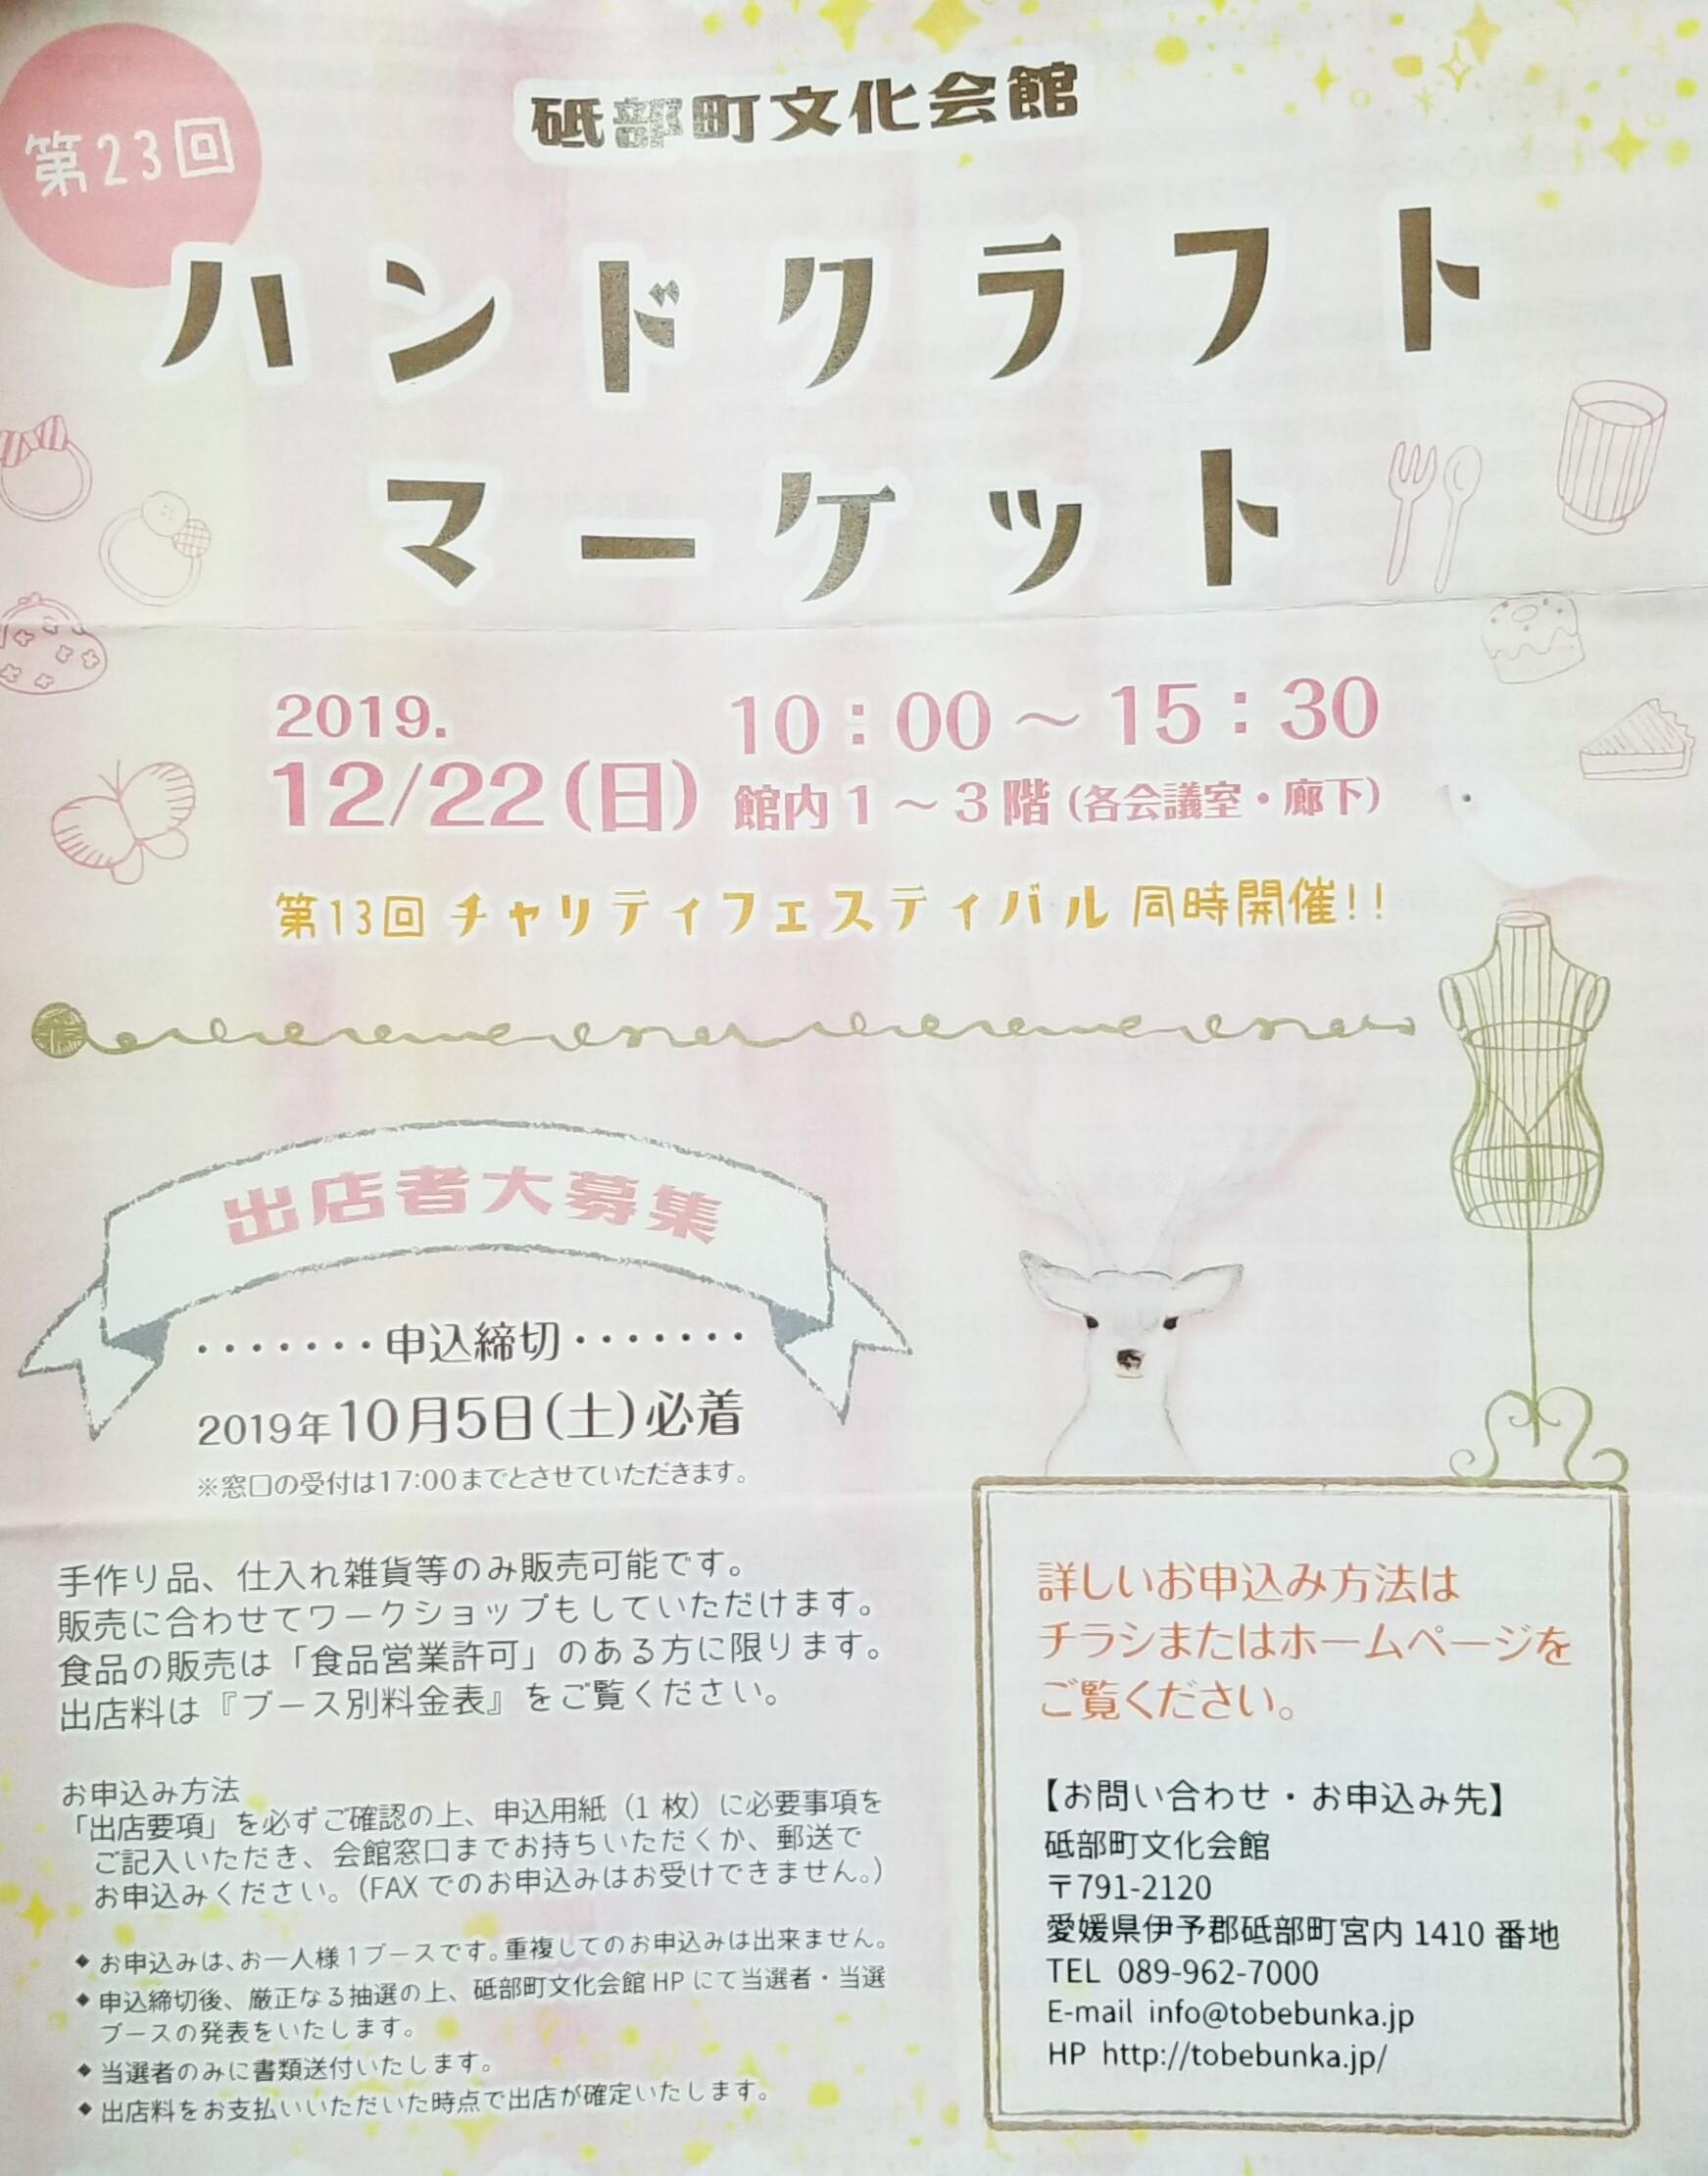 愛媛県ハンドメイドイベント人気おすすめ楽しいミニチュア砥部町